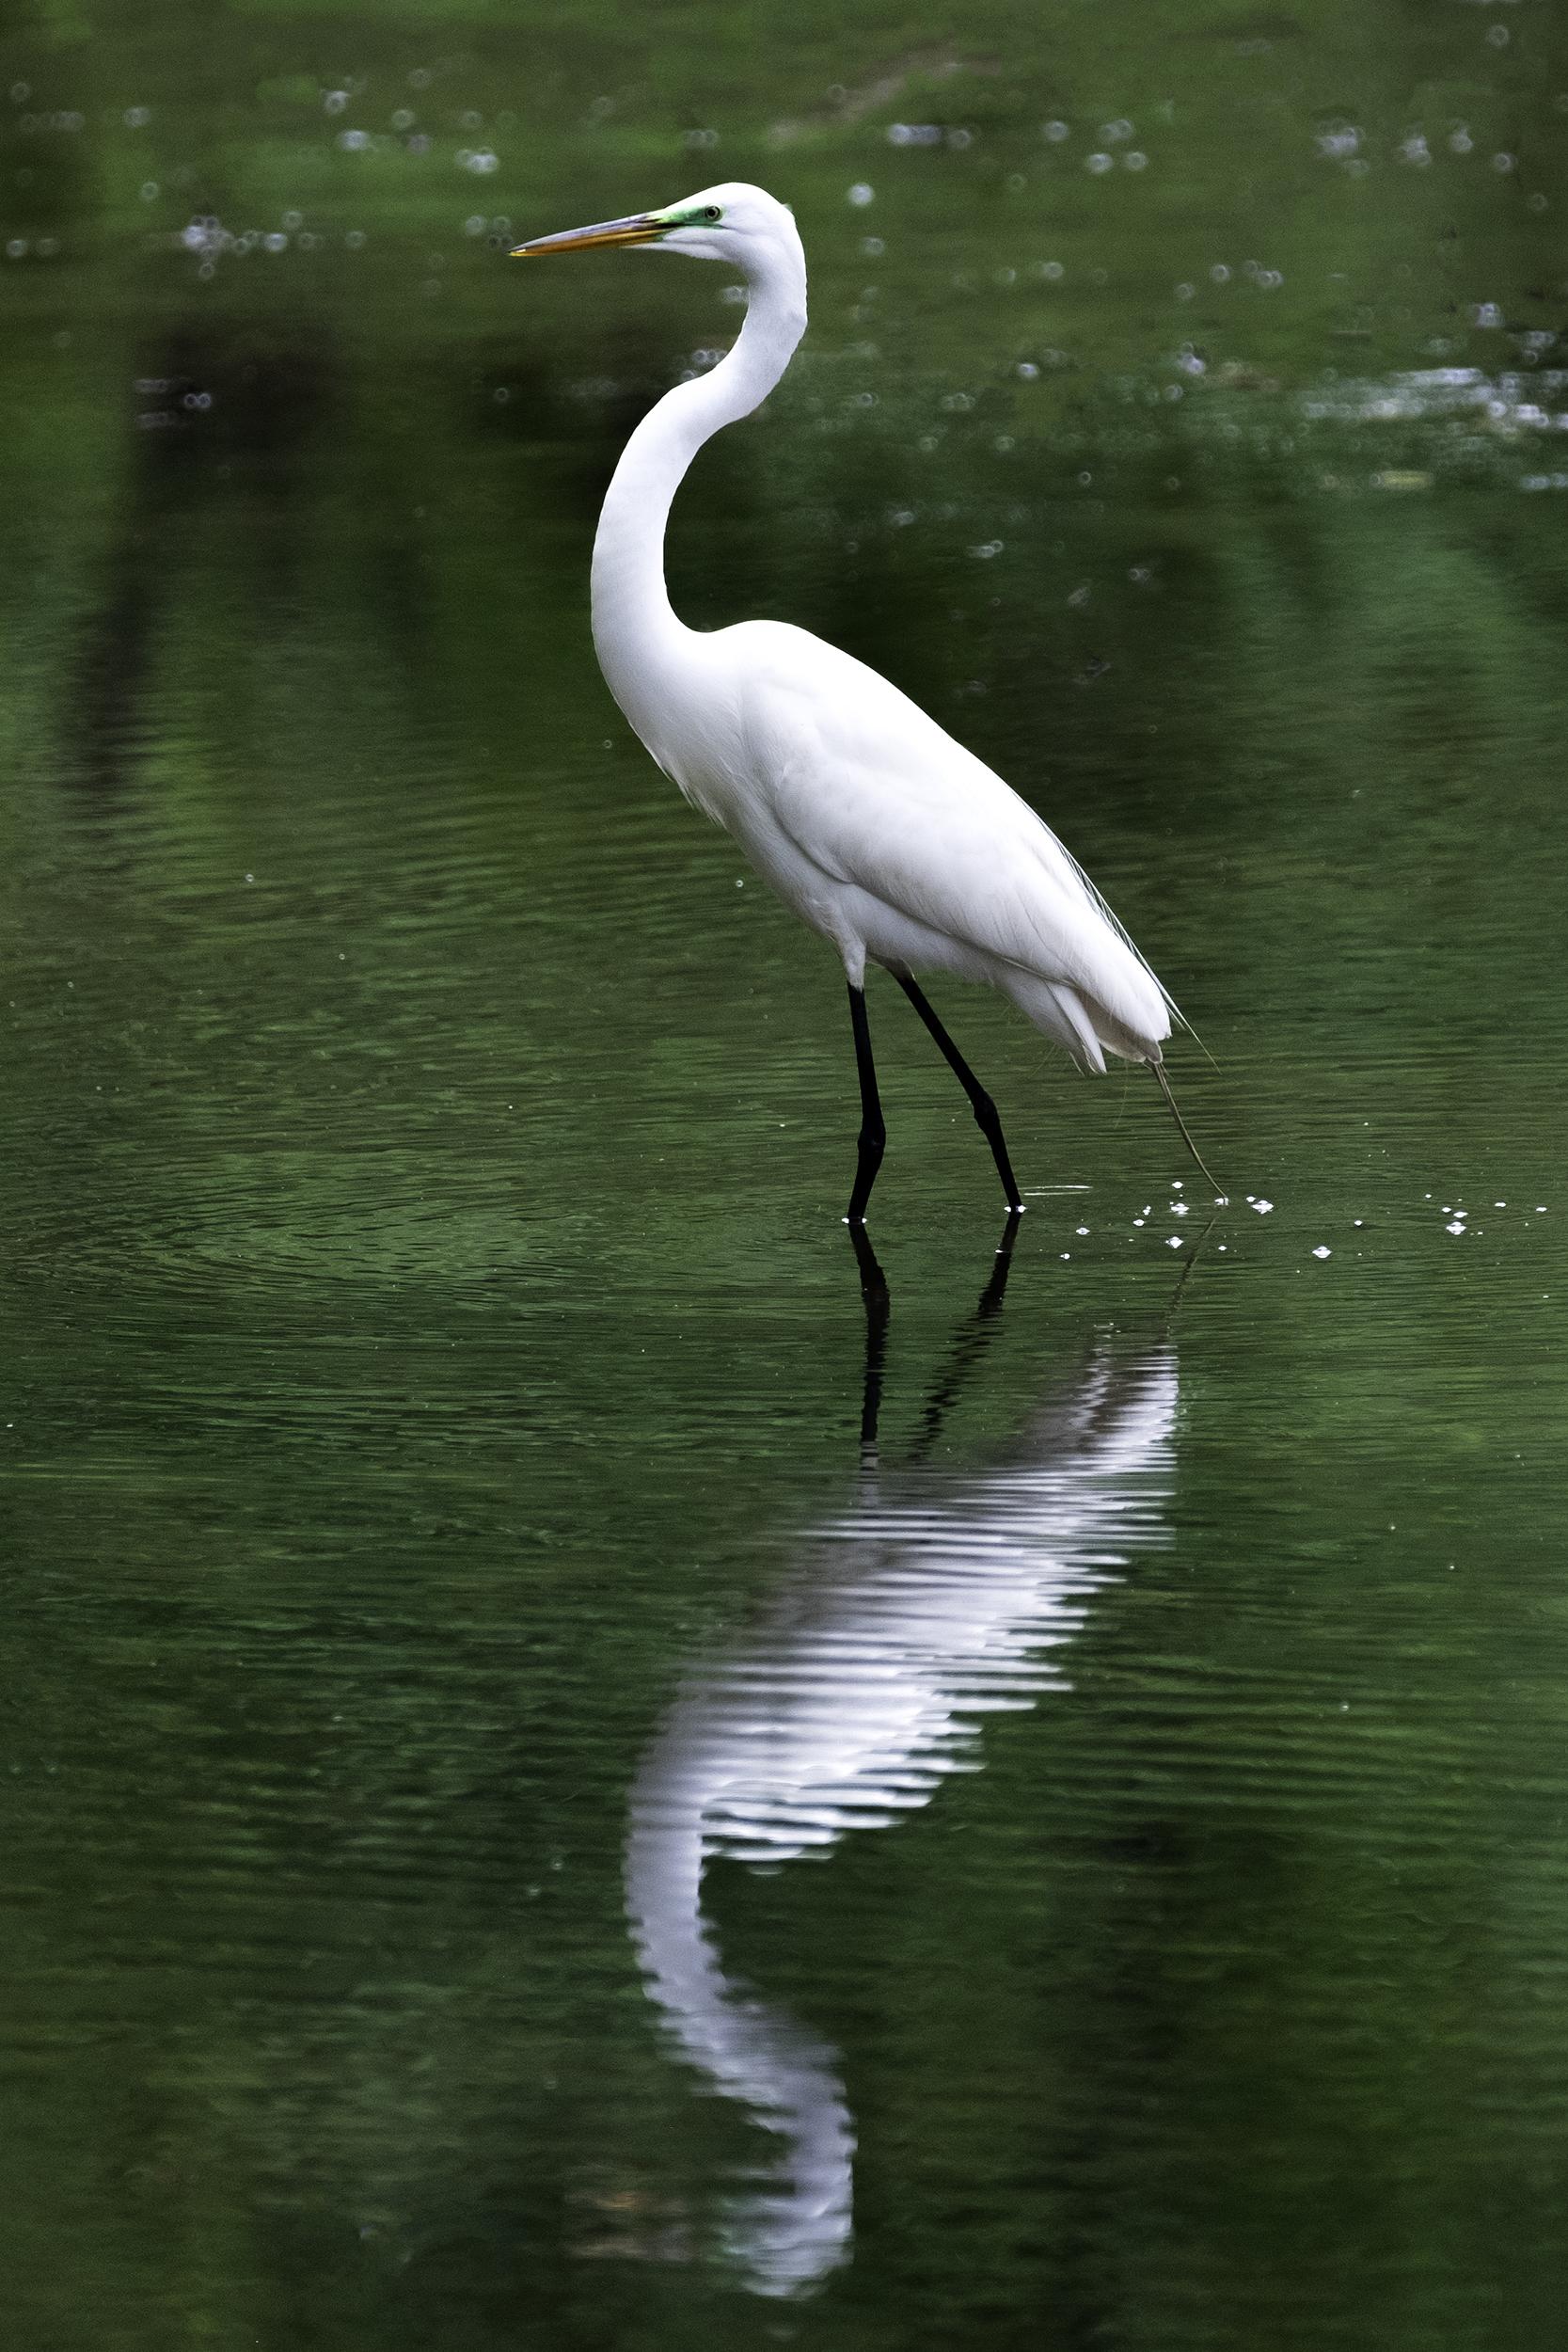 190509 XT2 Canal Birds  101-1 flt.jpg